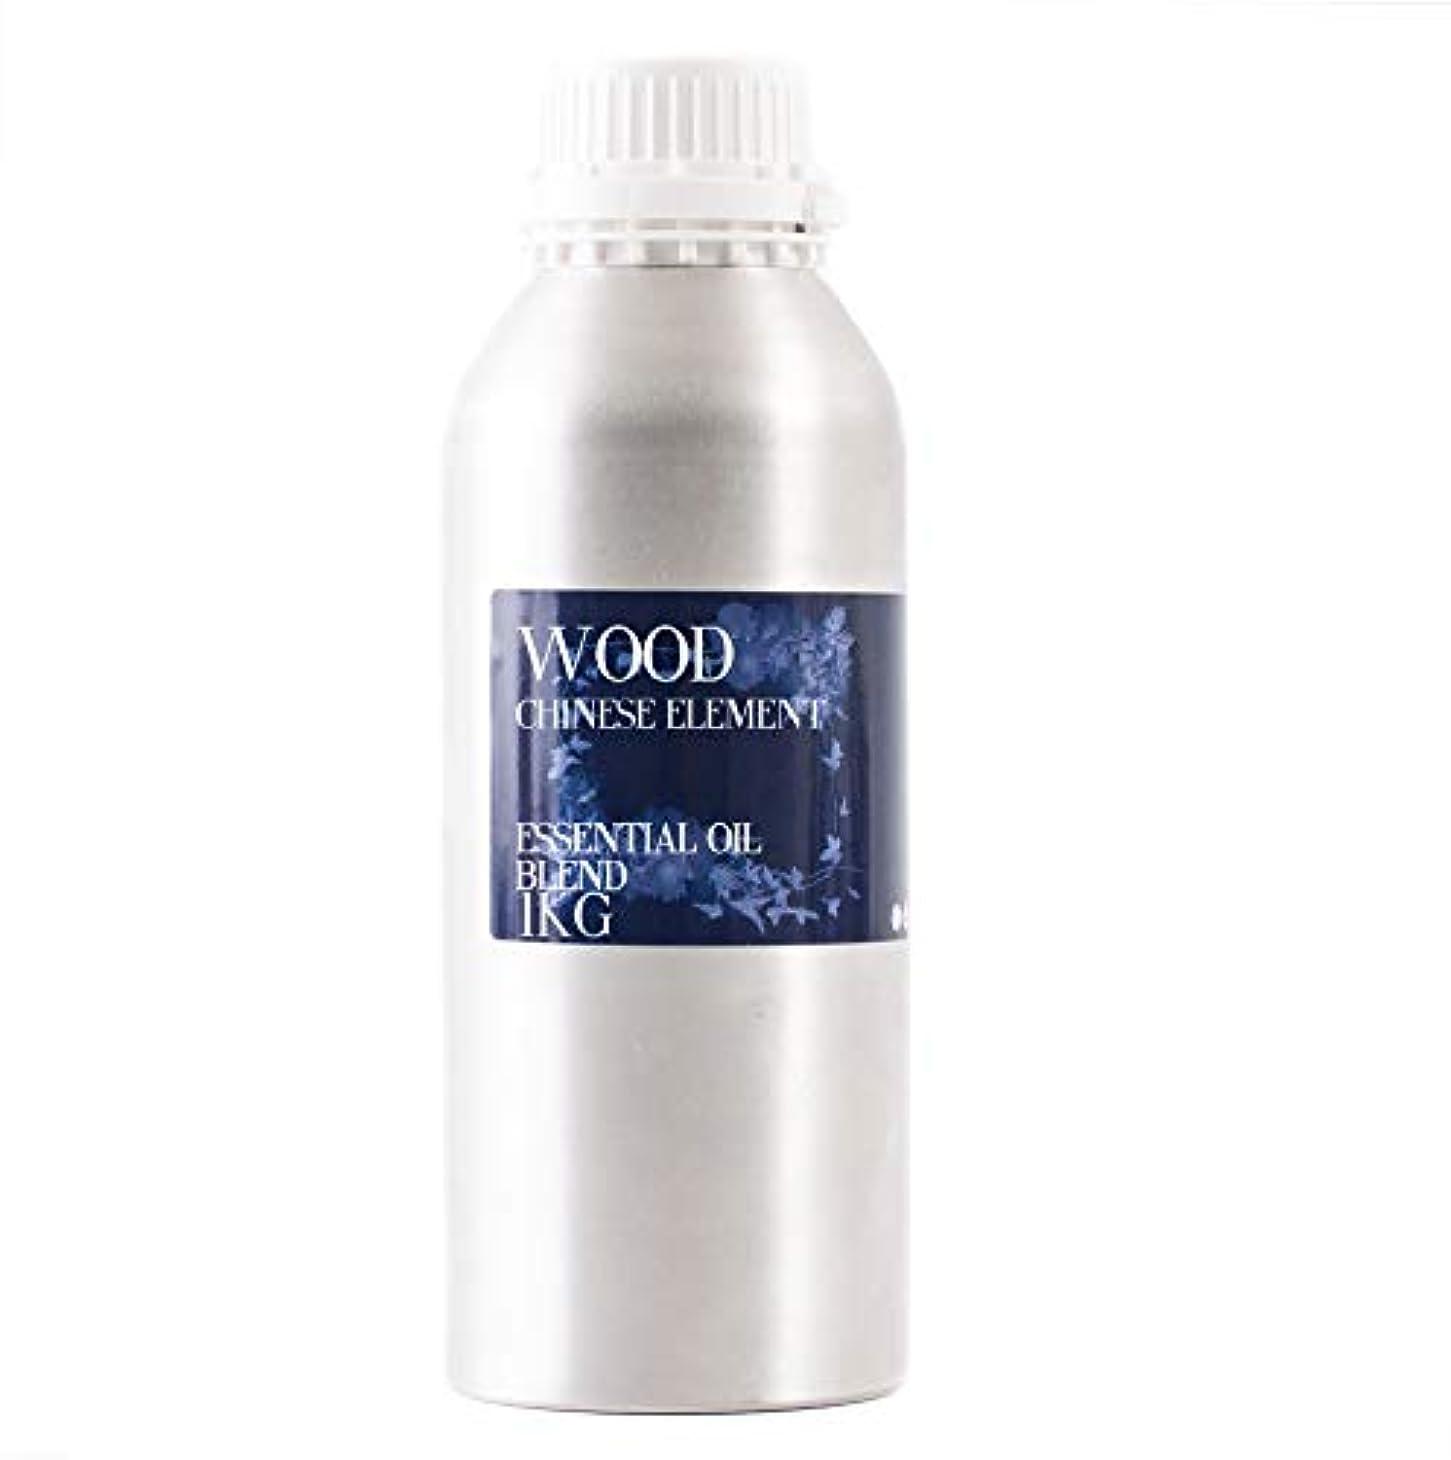 トランペット文法二年生Mystix London | Chinese Wood Element Essential Oil Blend - 1Kg